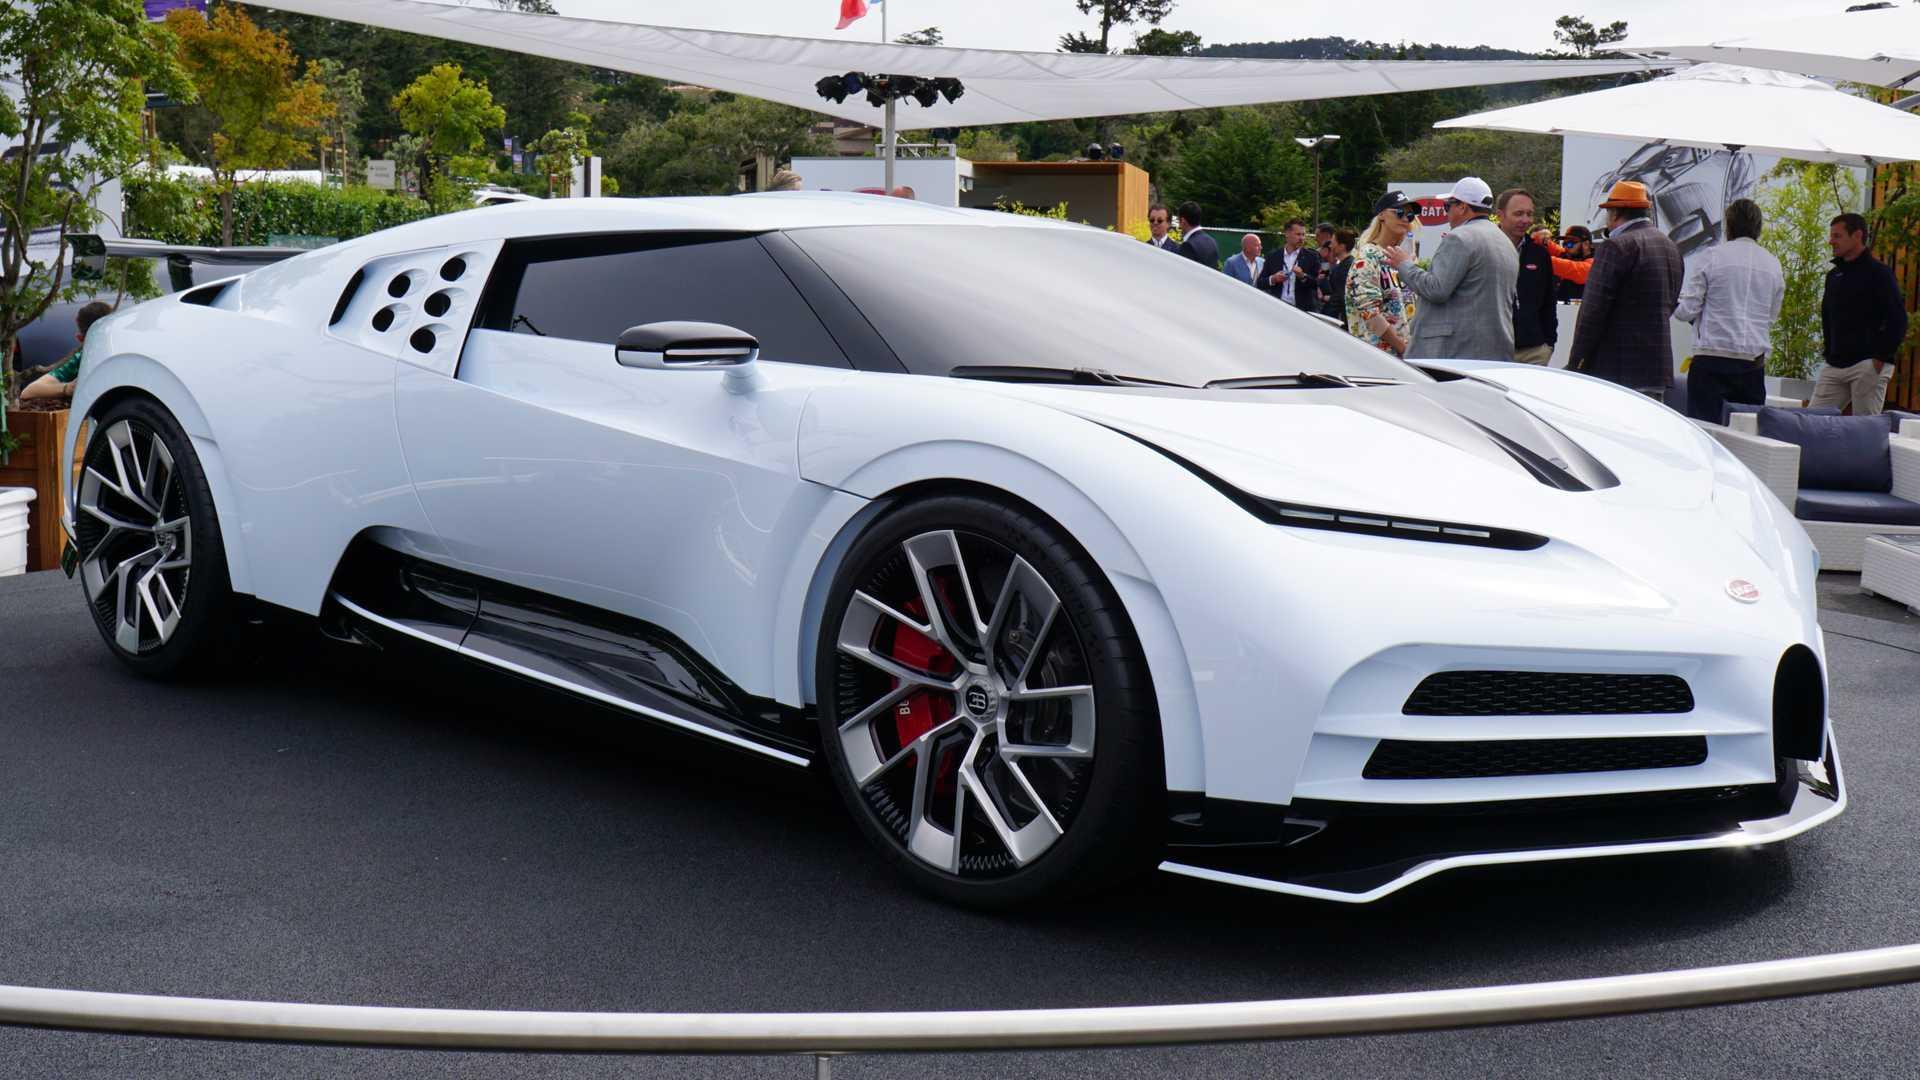 Image result for Bugatti centodieci